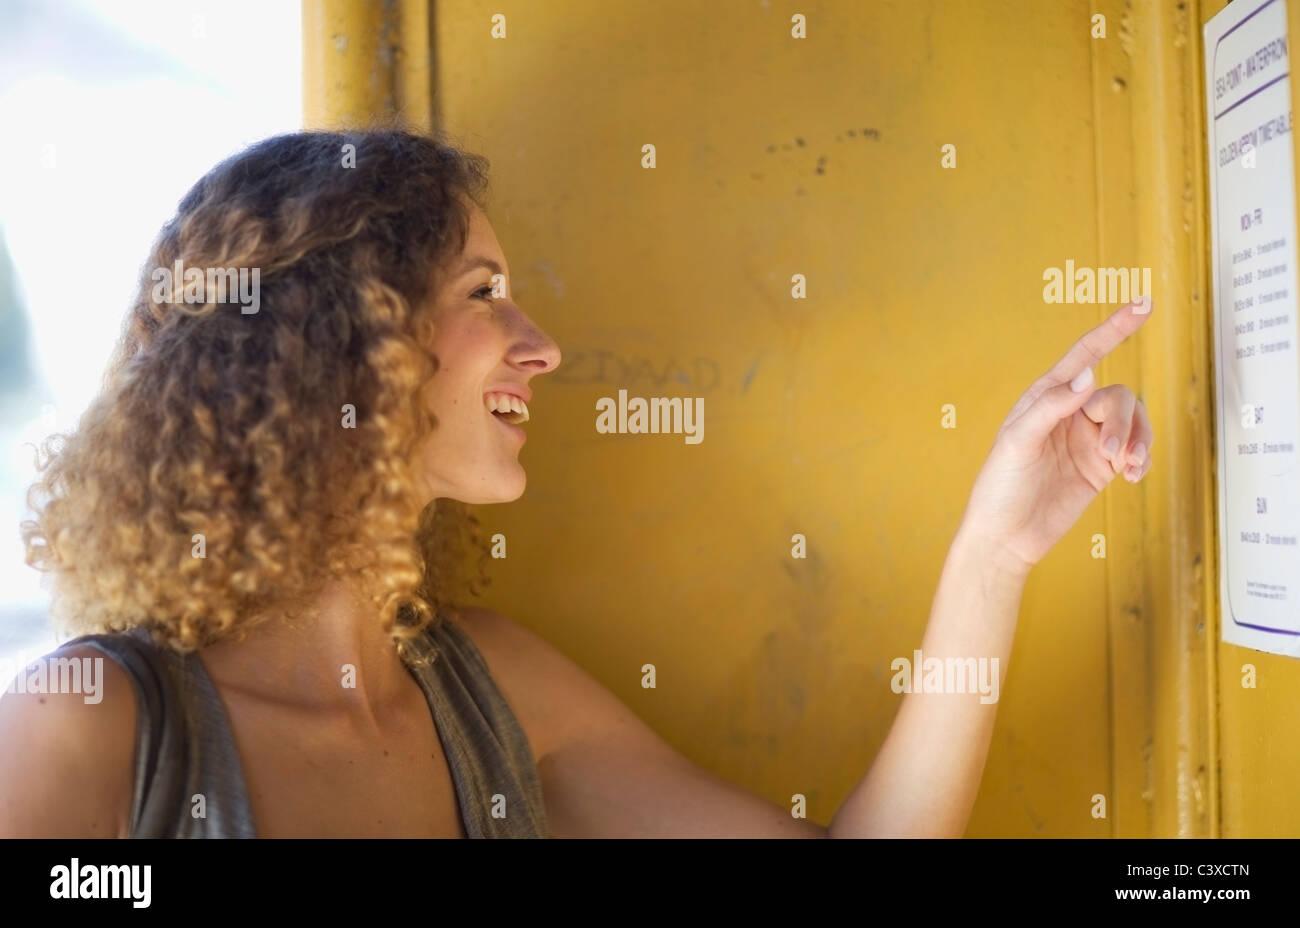 Mujer comprobando una tabla de horario Imagen De Stock